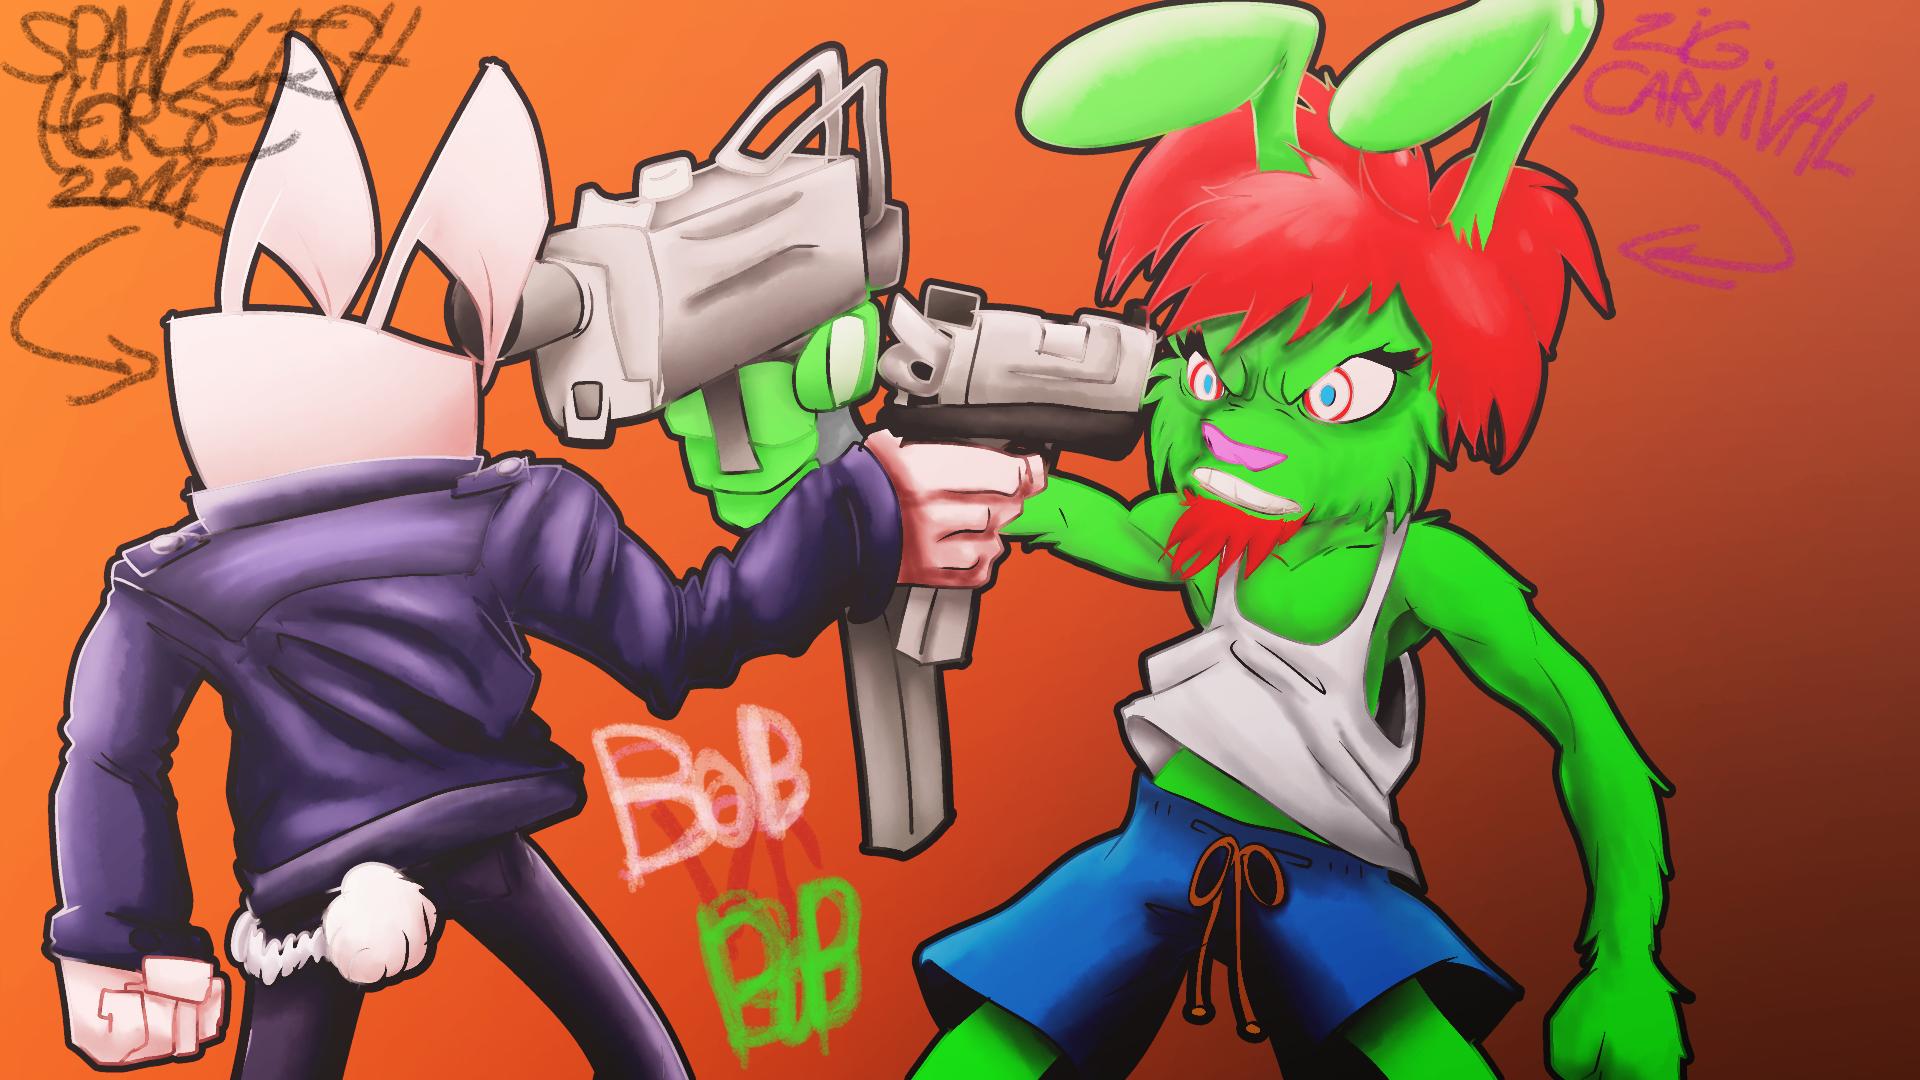 bob versus bob